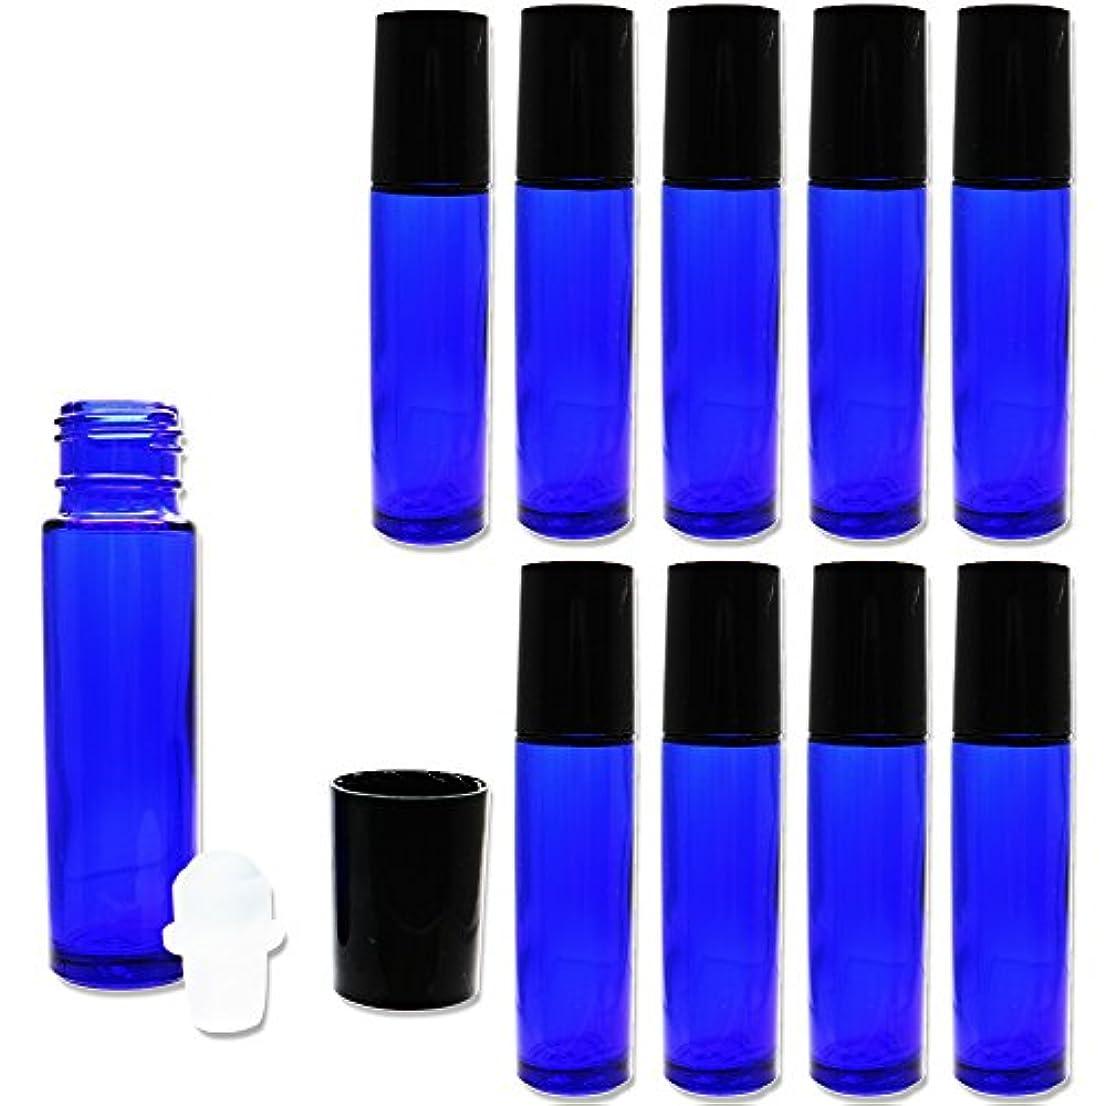 適度に蜜競争Solid Value ロールオンボトル アロマオイル ガラスロール 詰め替え 遮光瓶 (10ml 10本セット)